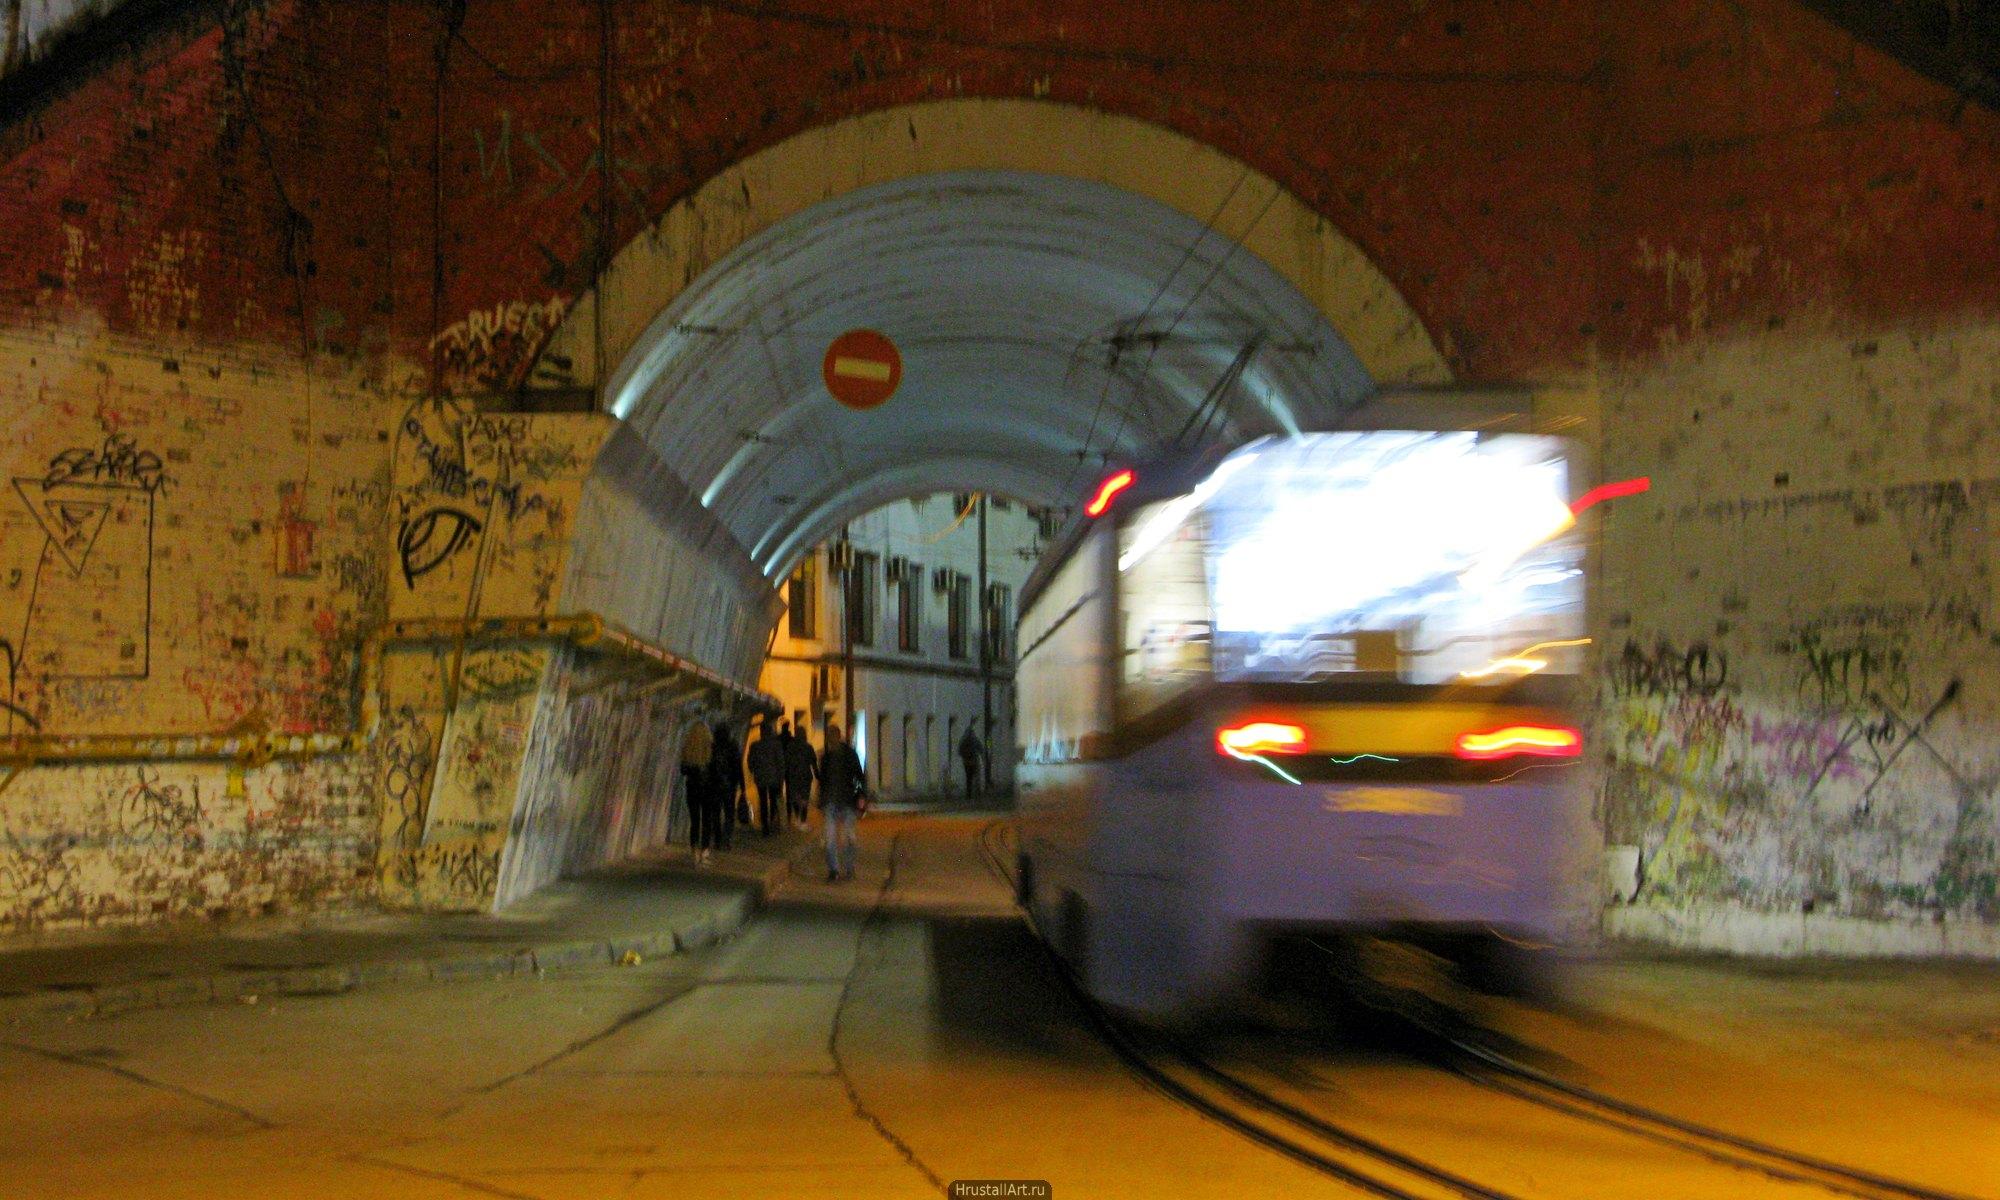 Ночной трамвай. Массивная арка проезда, вечерний свет, размытость трамвая от движения и длительной выдержки.